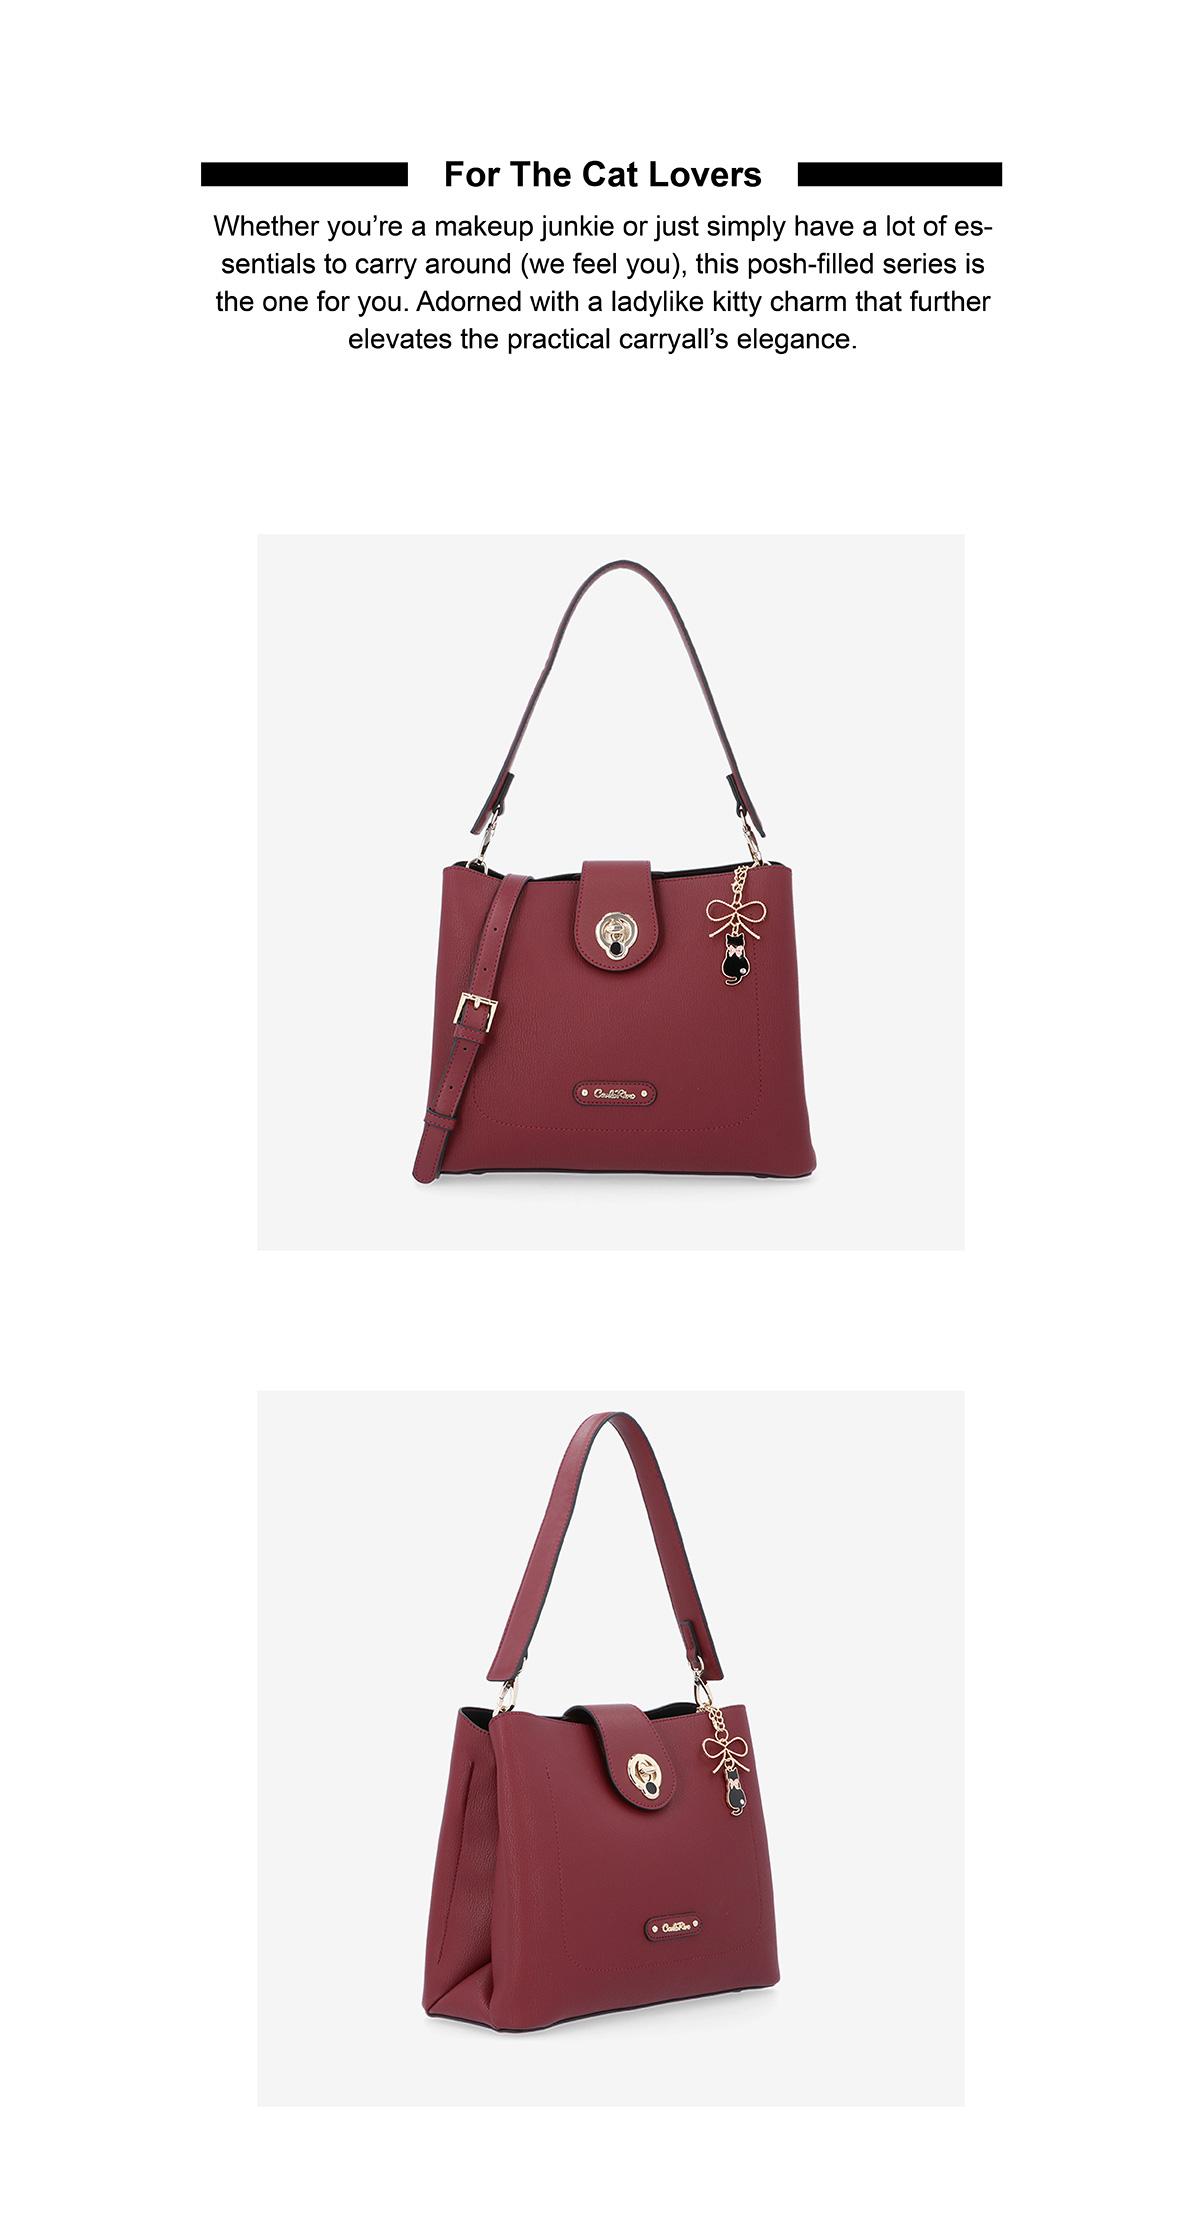 0305015H 001 02 - For The Cat Lovers Shoulder Bag